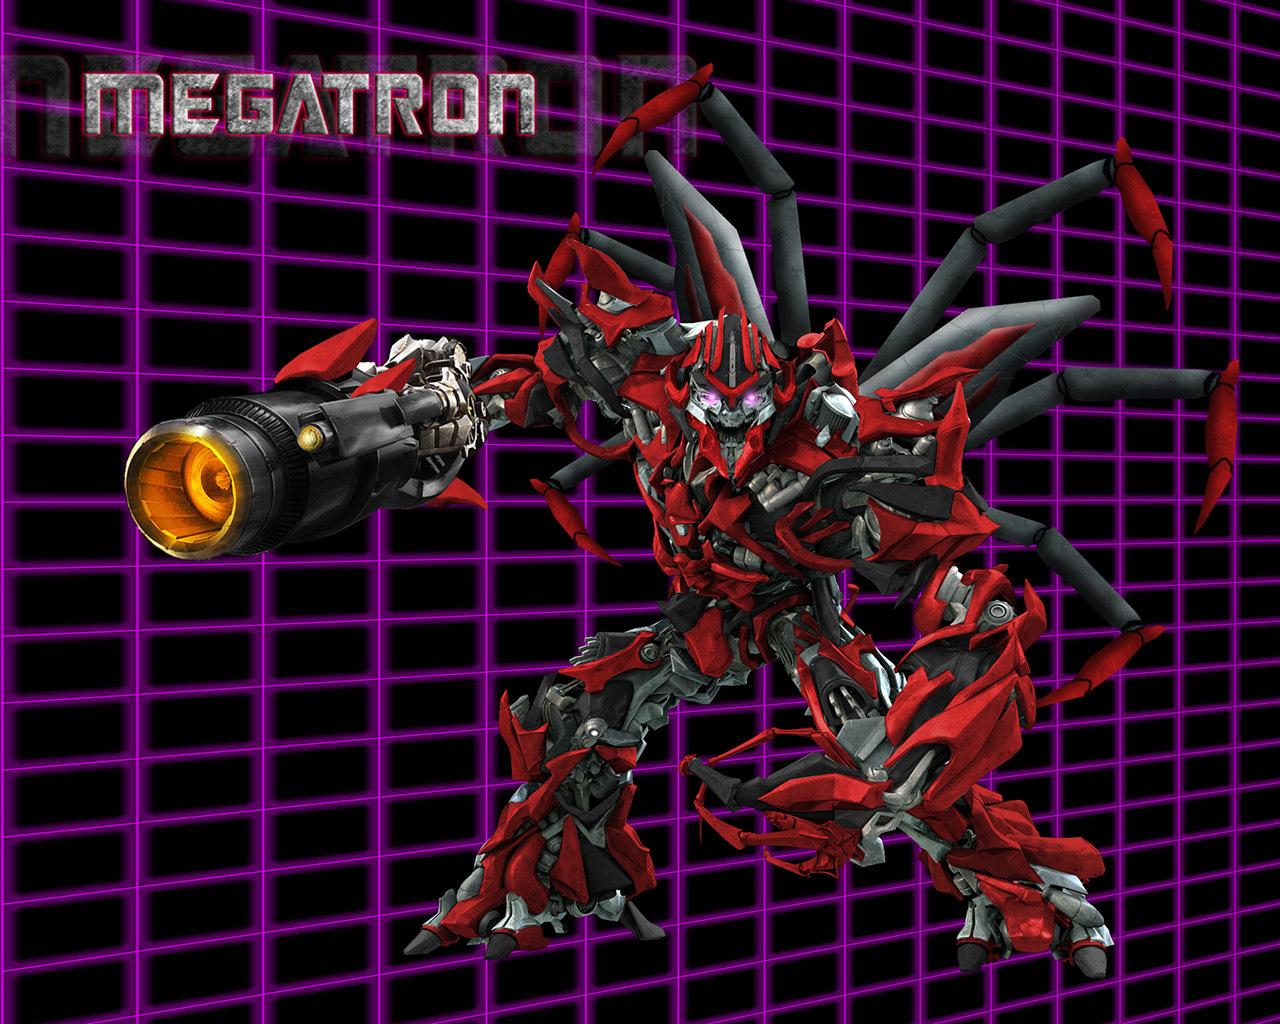 Inferno Megatron